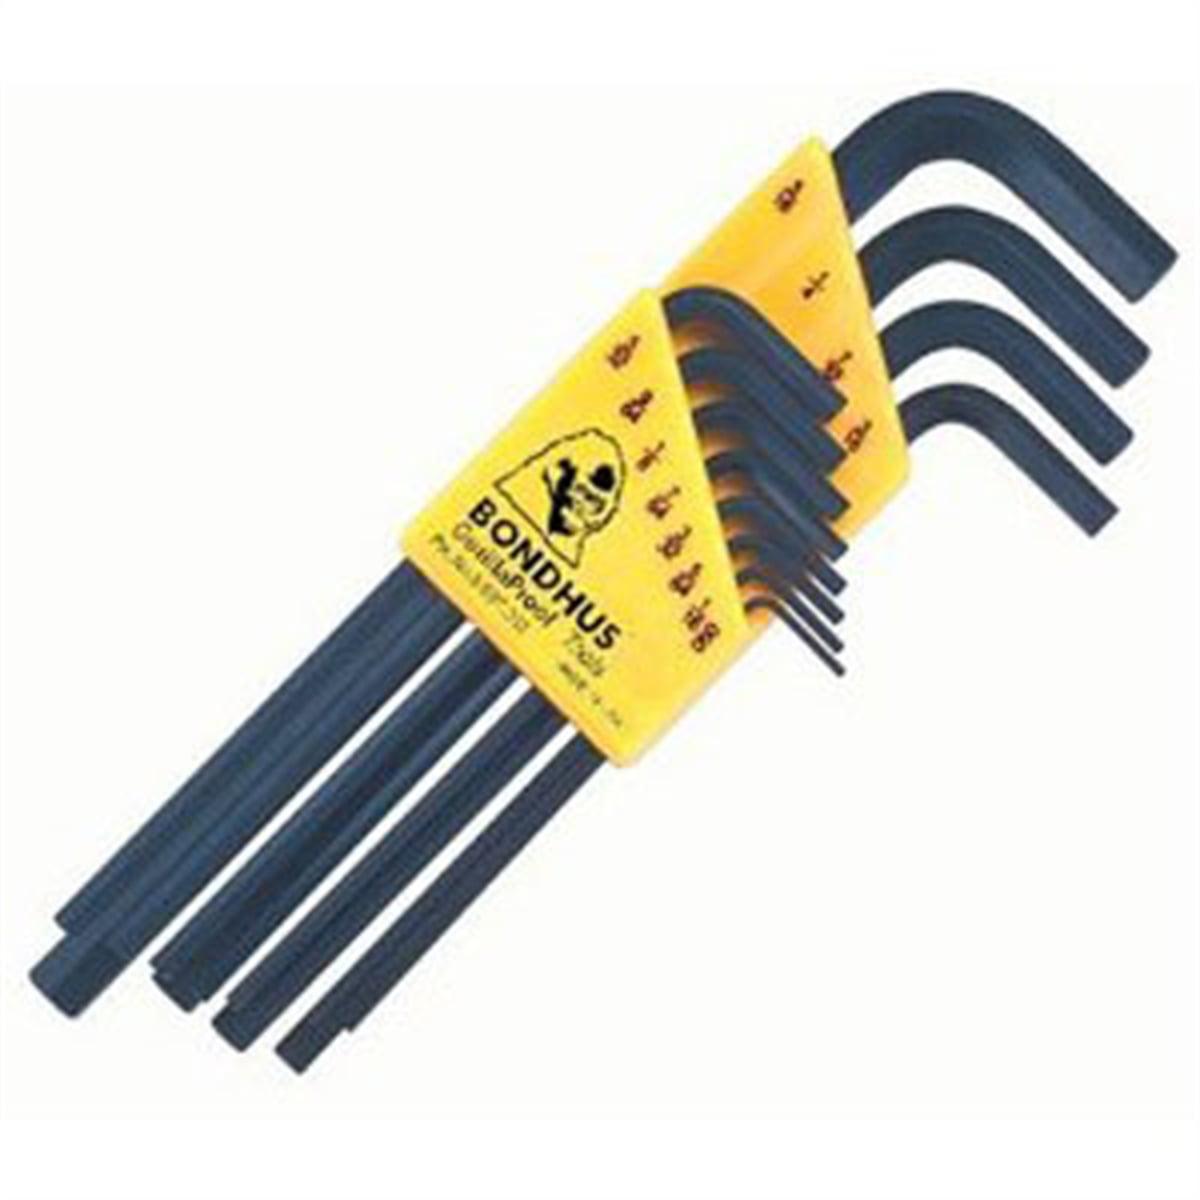 12pc Set L-wrench .050-5/16-Long